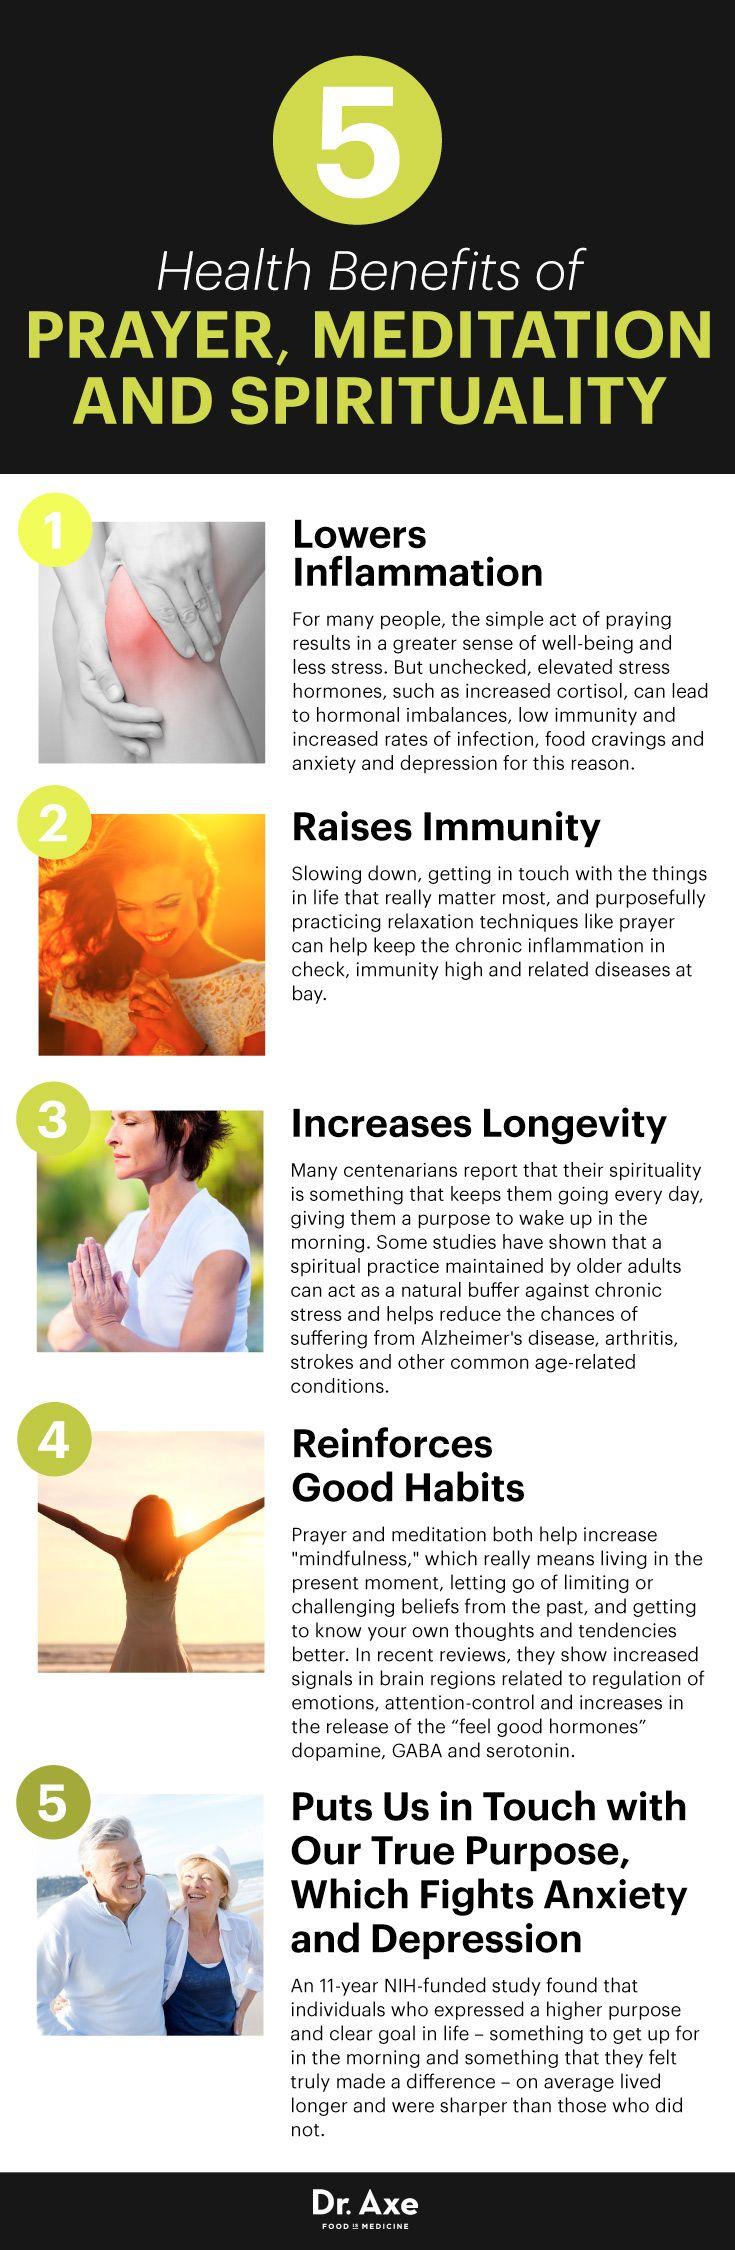 Healing prayer benefits - Dr. Axe